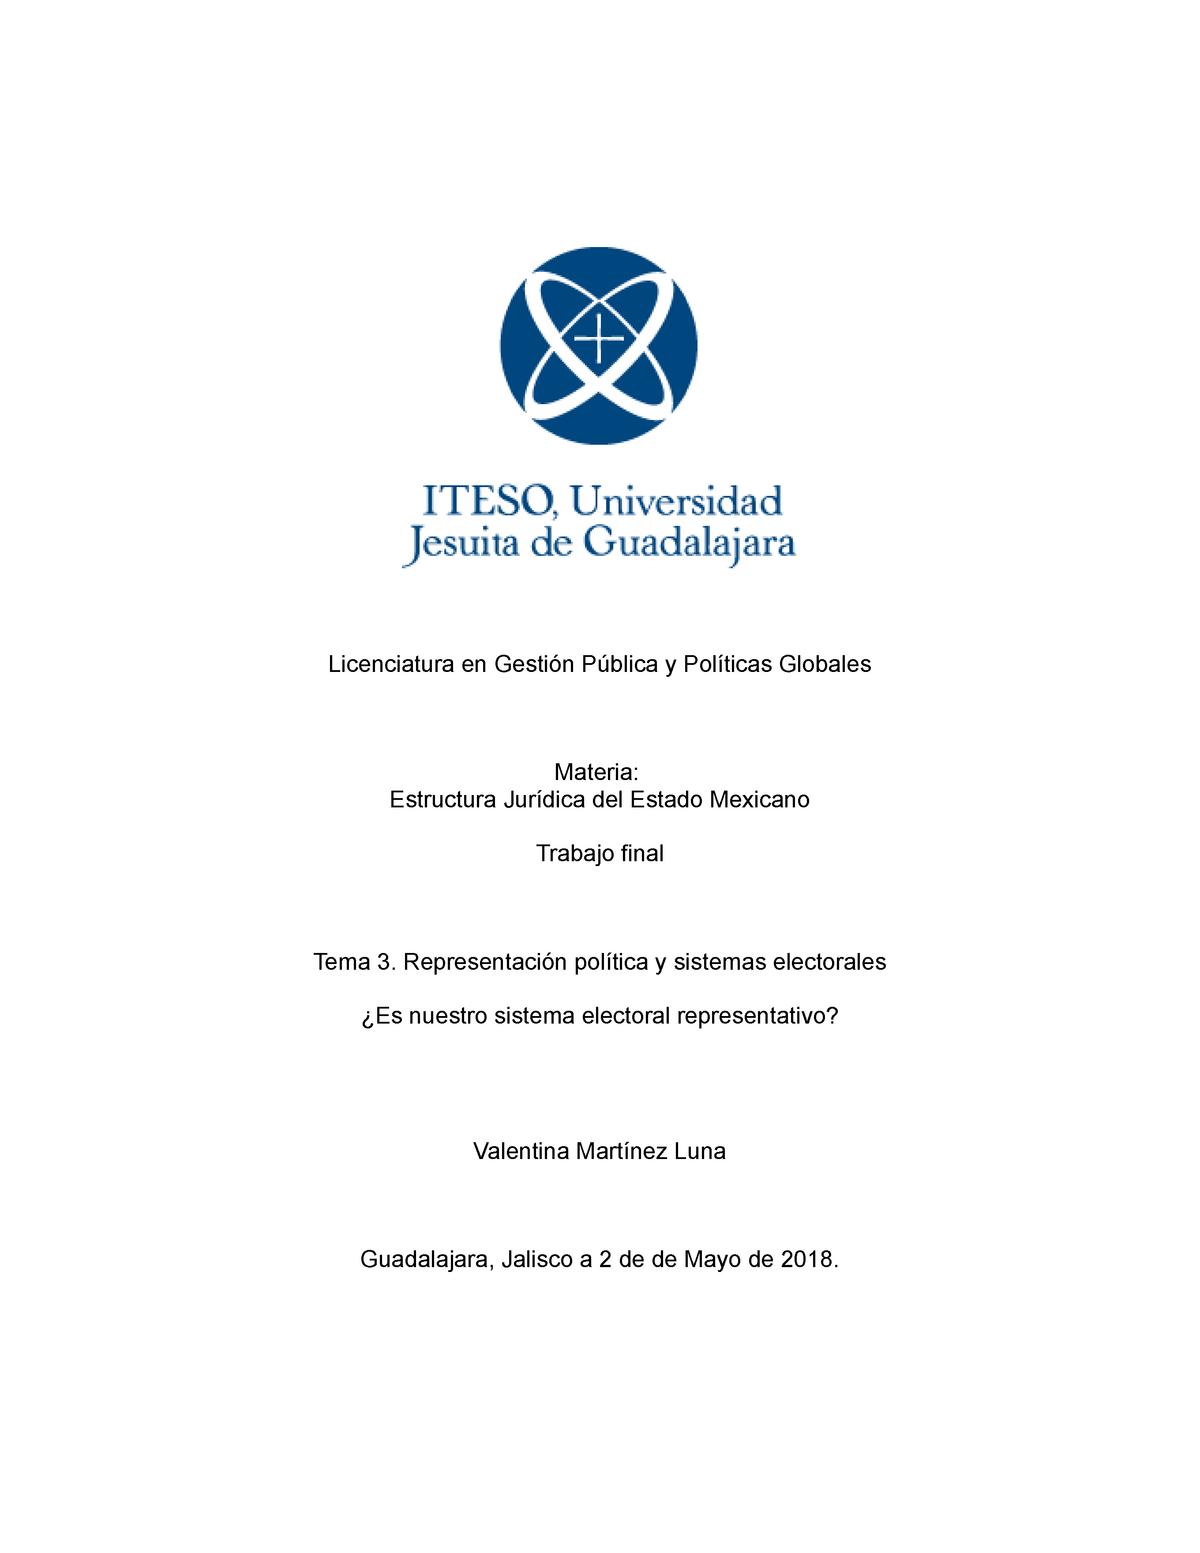 Estructura Juridica Resolución De Conflictos Iteso Studocu